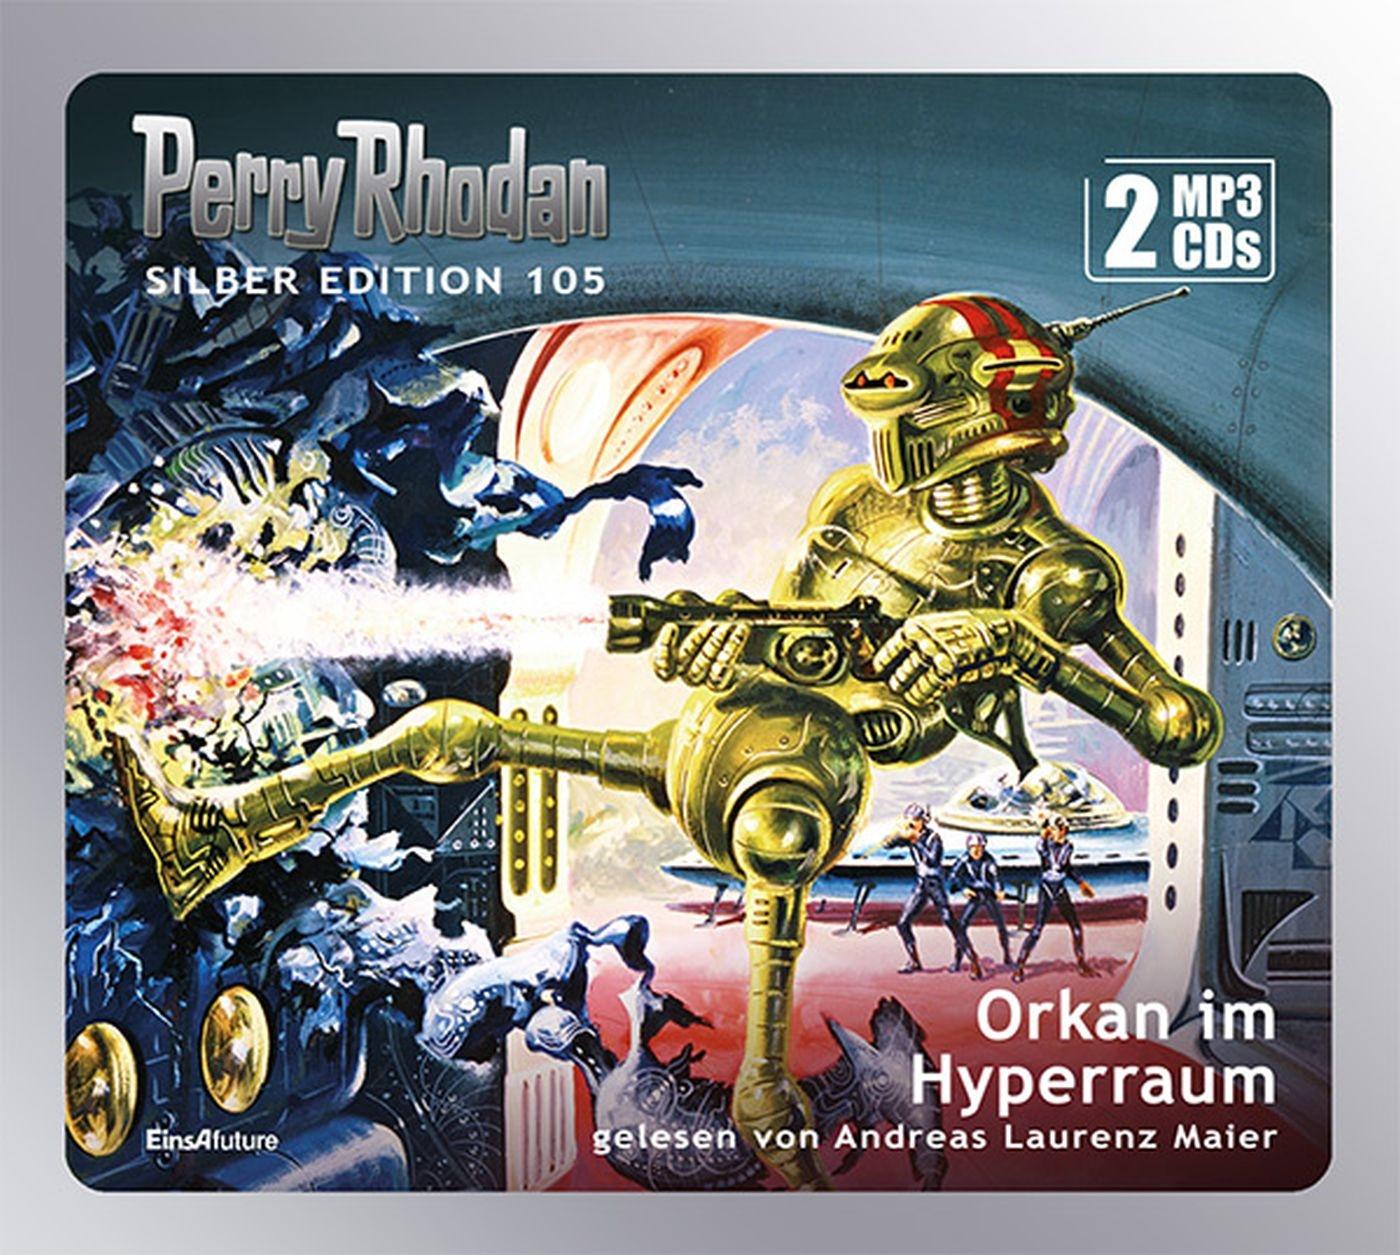 Perry Rhodan Silber Edition 105: Orkan im Hyperraum (2 mp3-CDs)